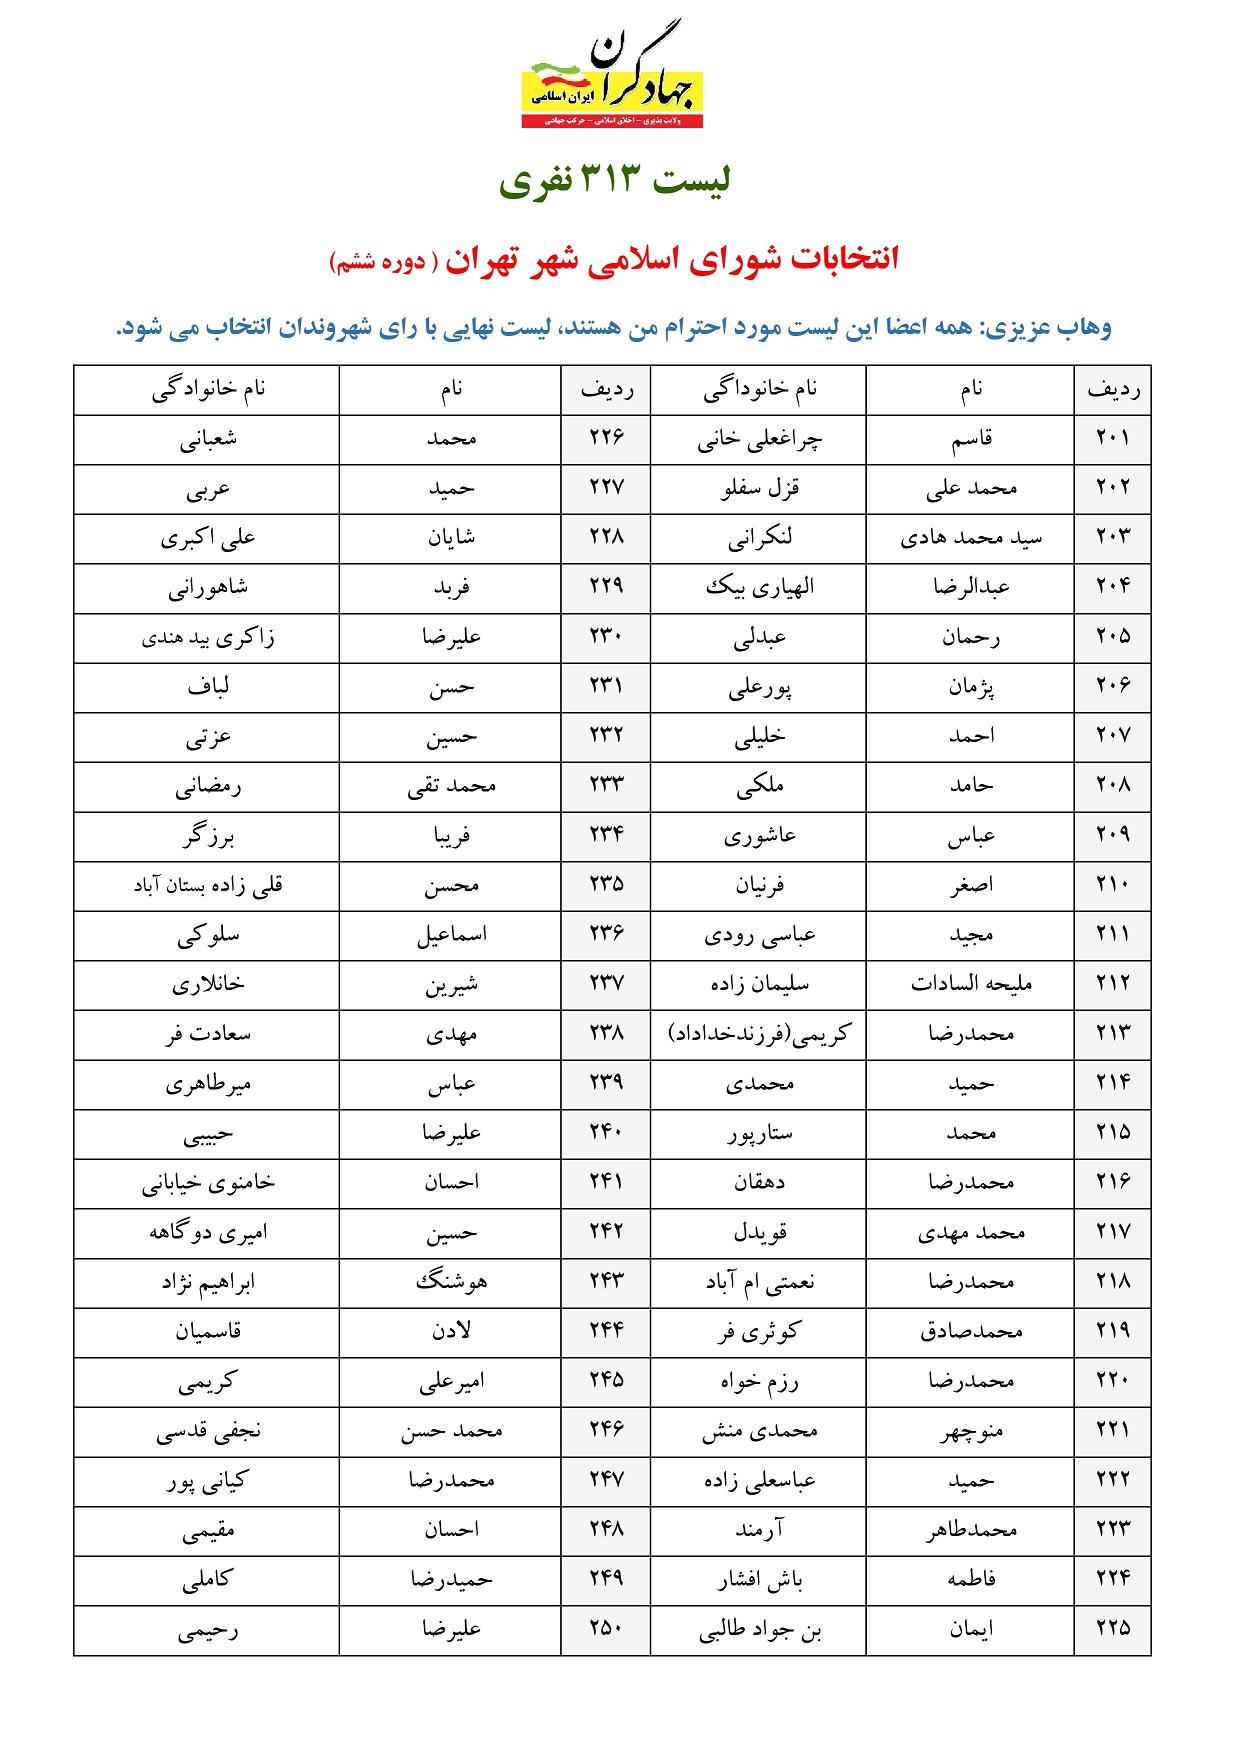 لیست شورای شهر جهادگران